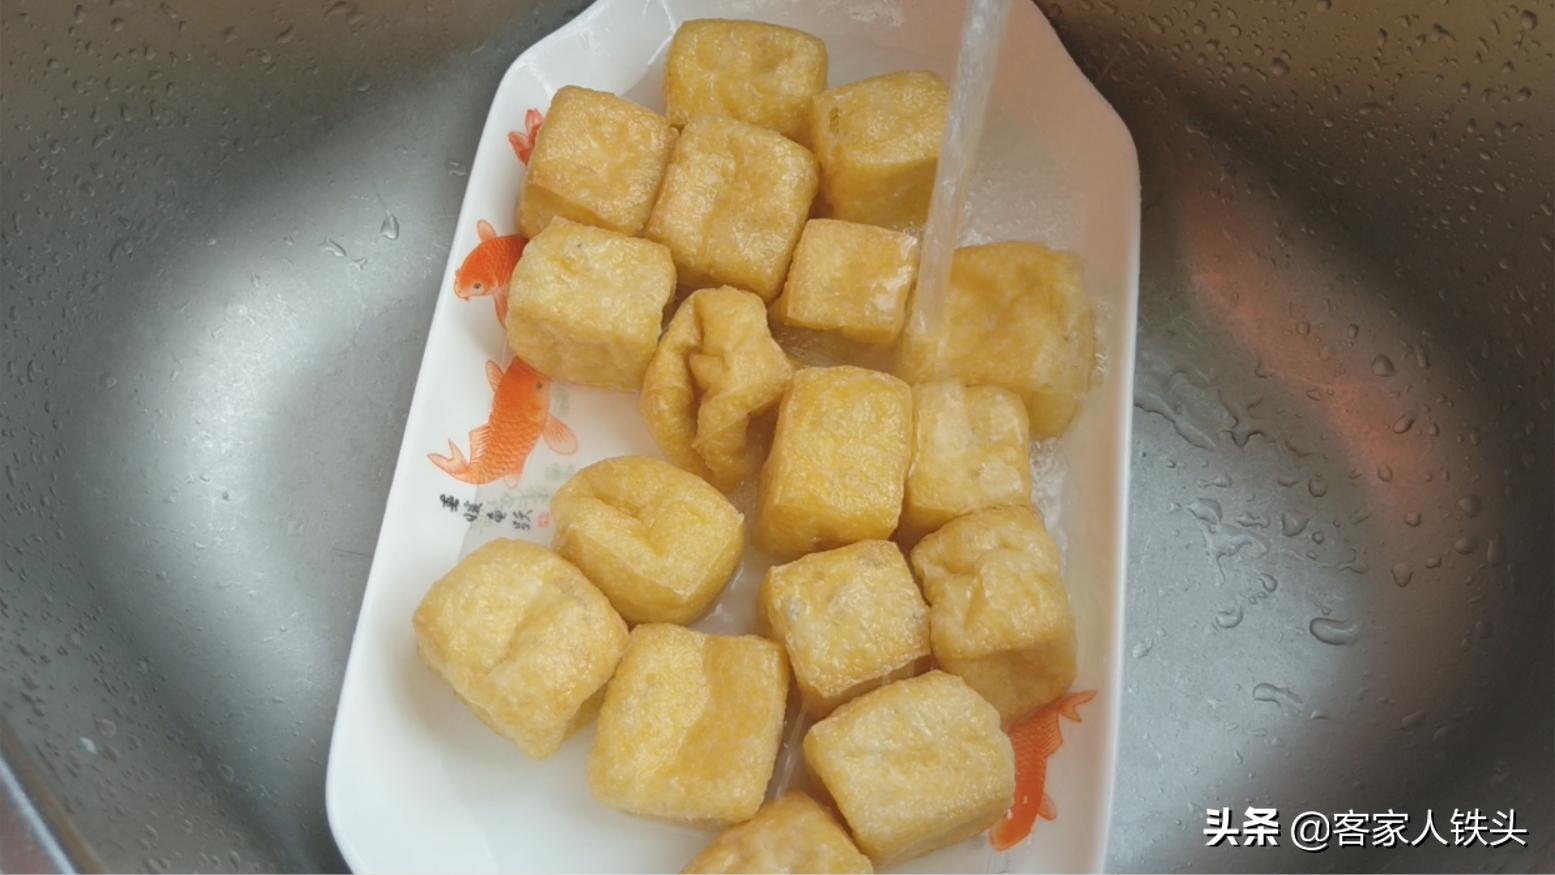 客家油豆腐配上1个鱼头,一道费饭菜做法,又香又滑闻到都流口水